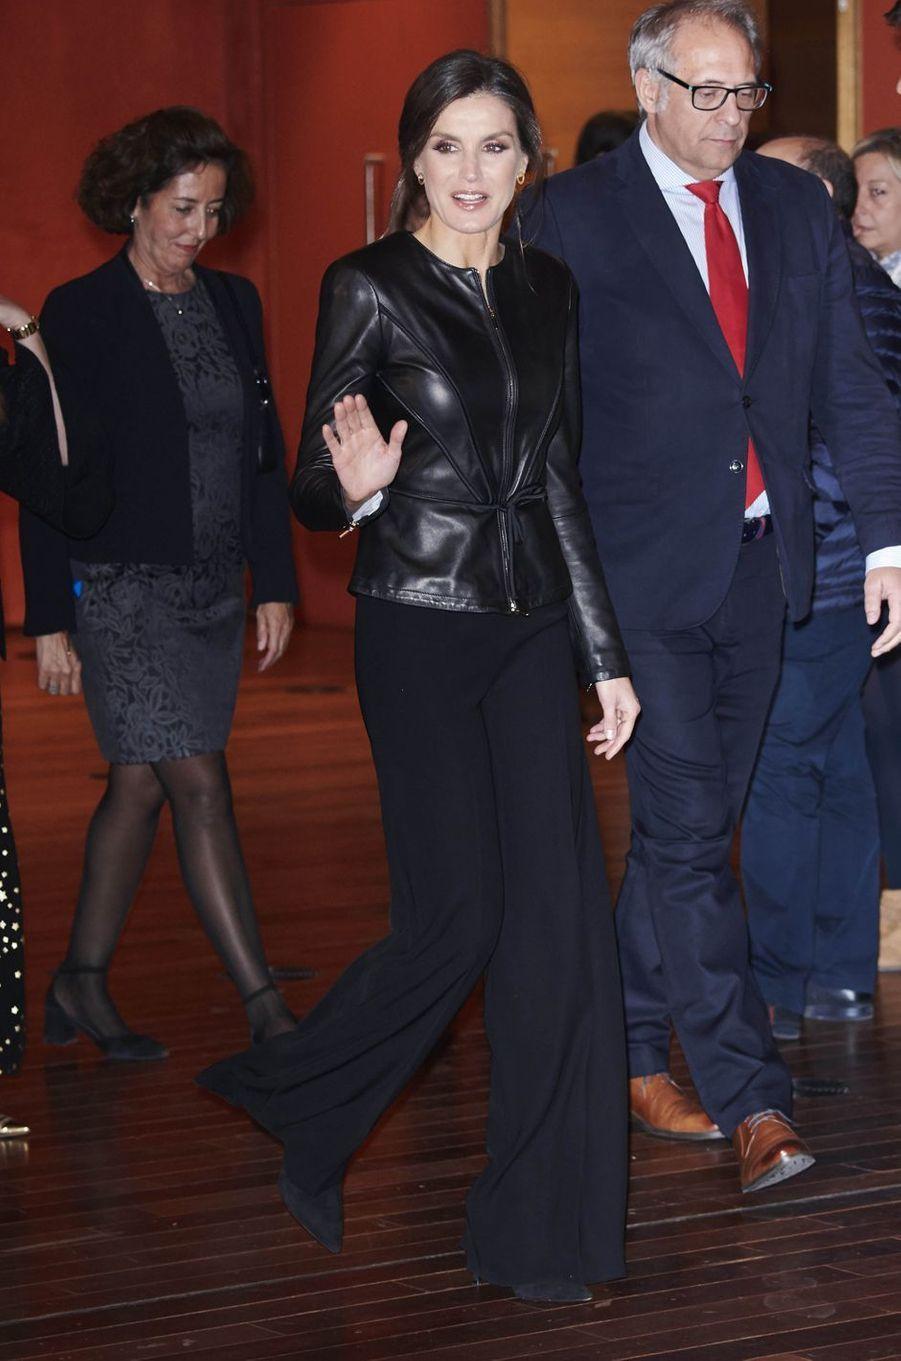 La reine Letizia d'Espagne dans une veste Emporio Armani à Valladolid, le 26 octobre 2018